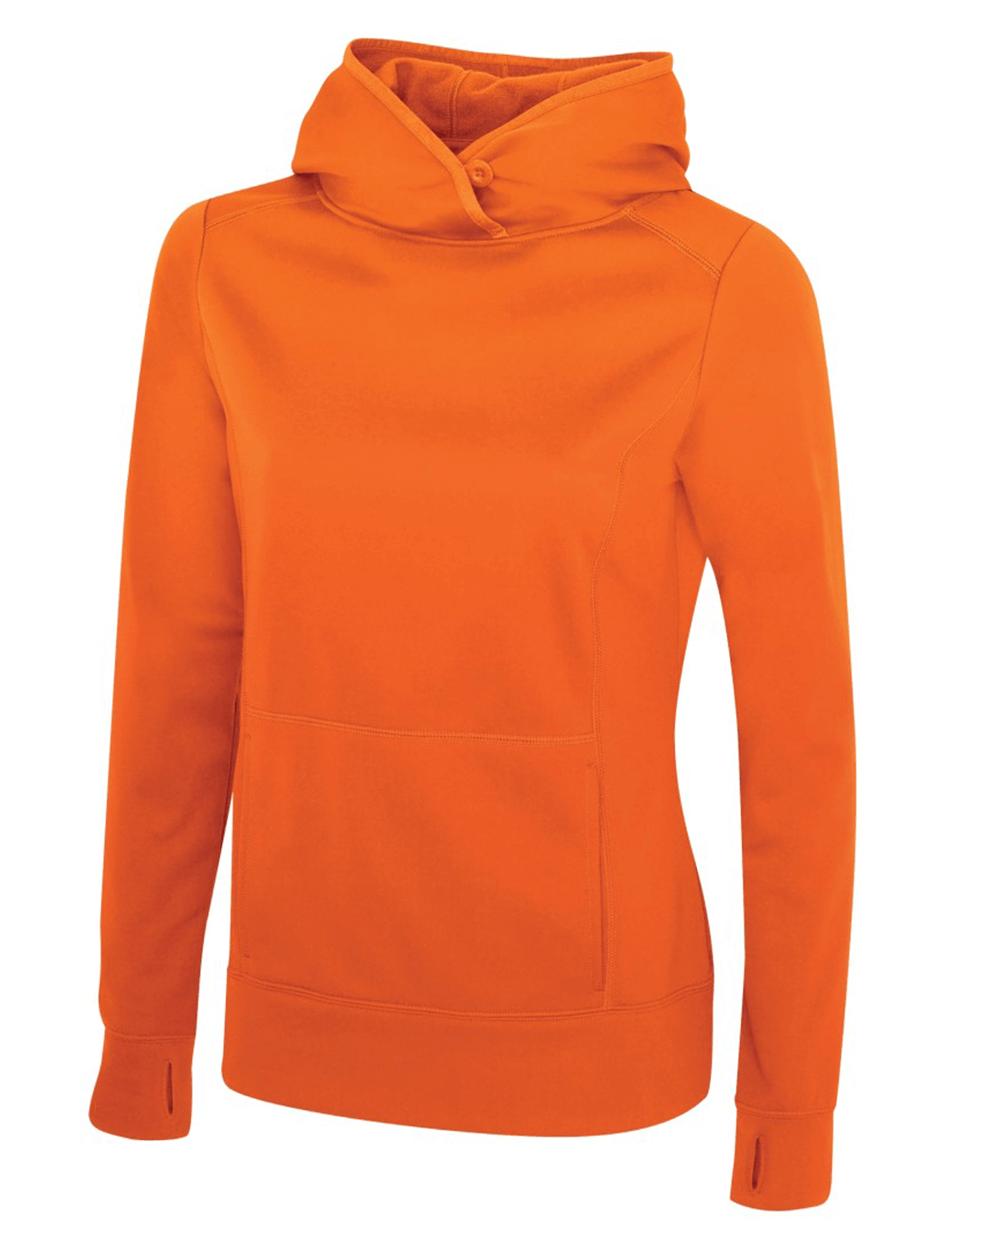 Ladies Game Day Fleece Hooded Sweatshirt